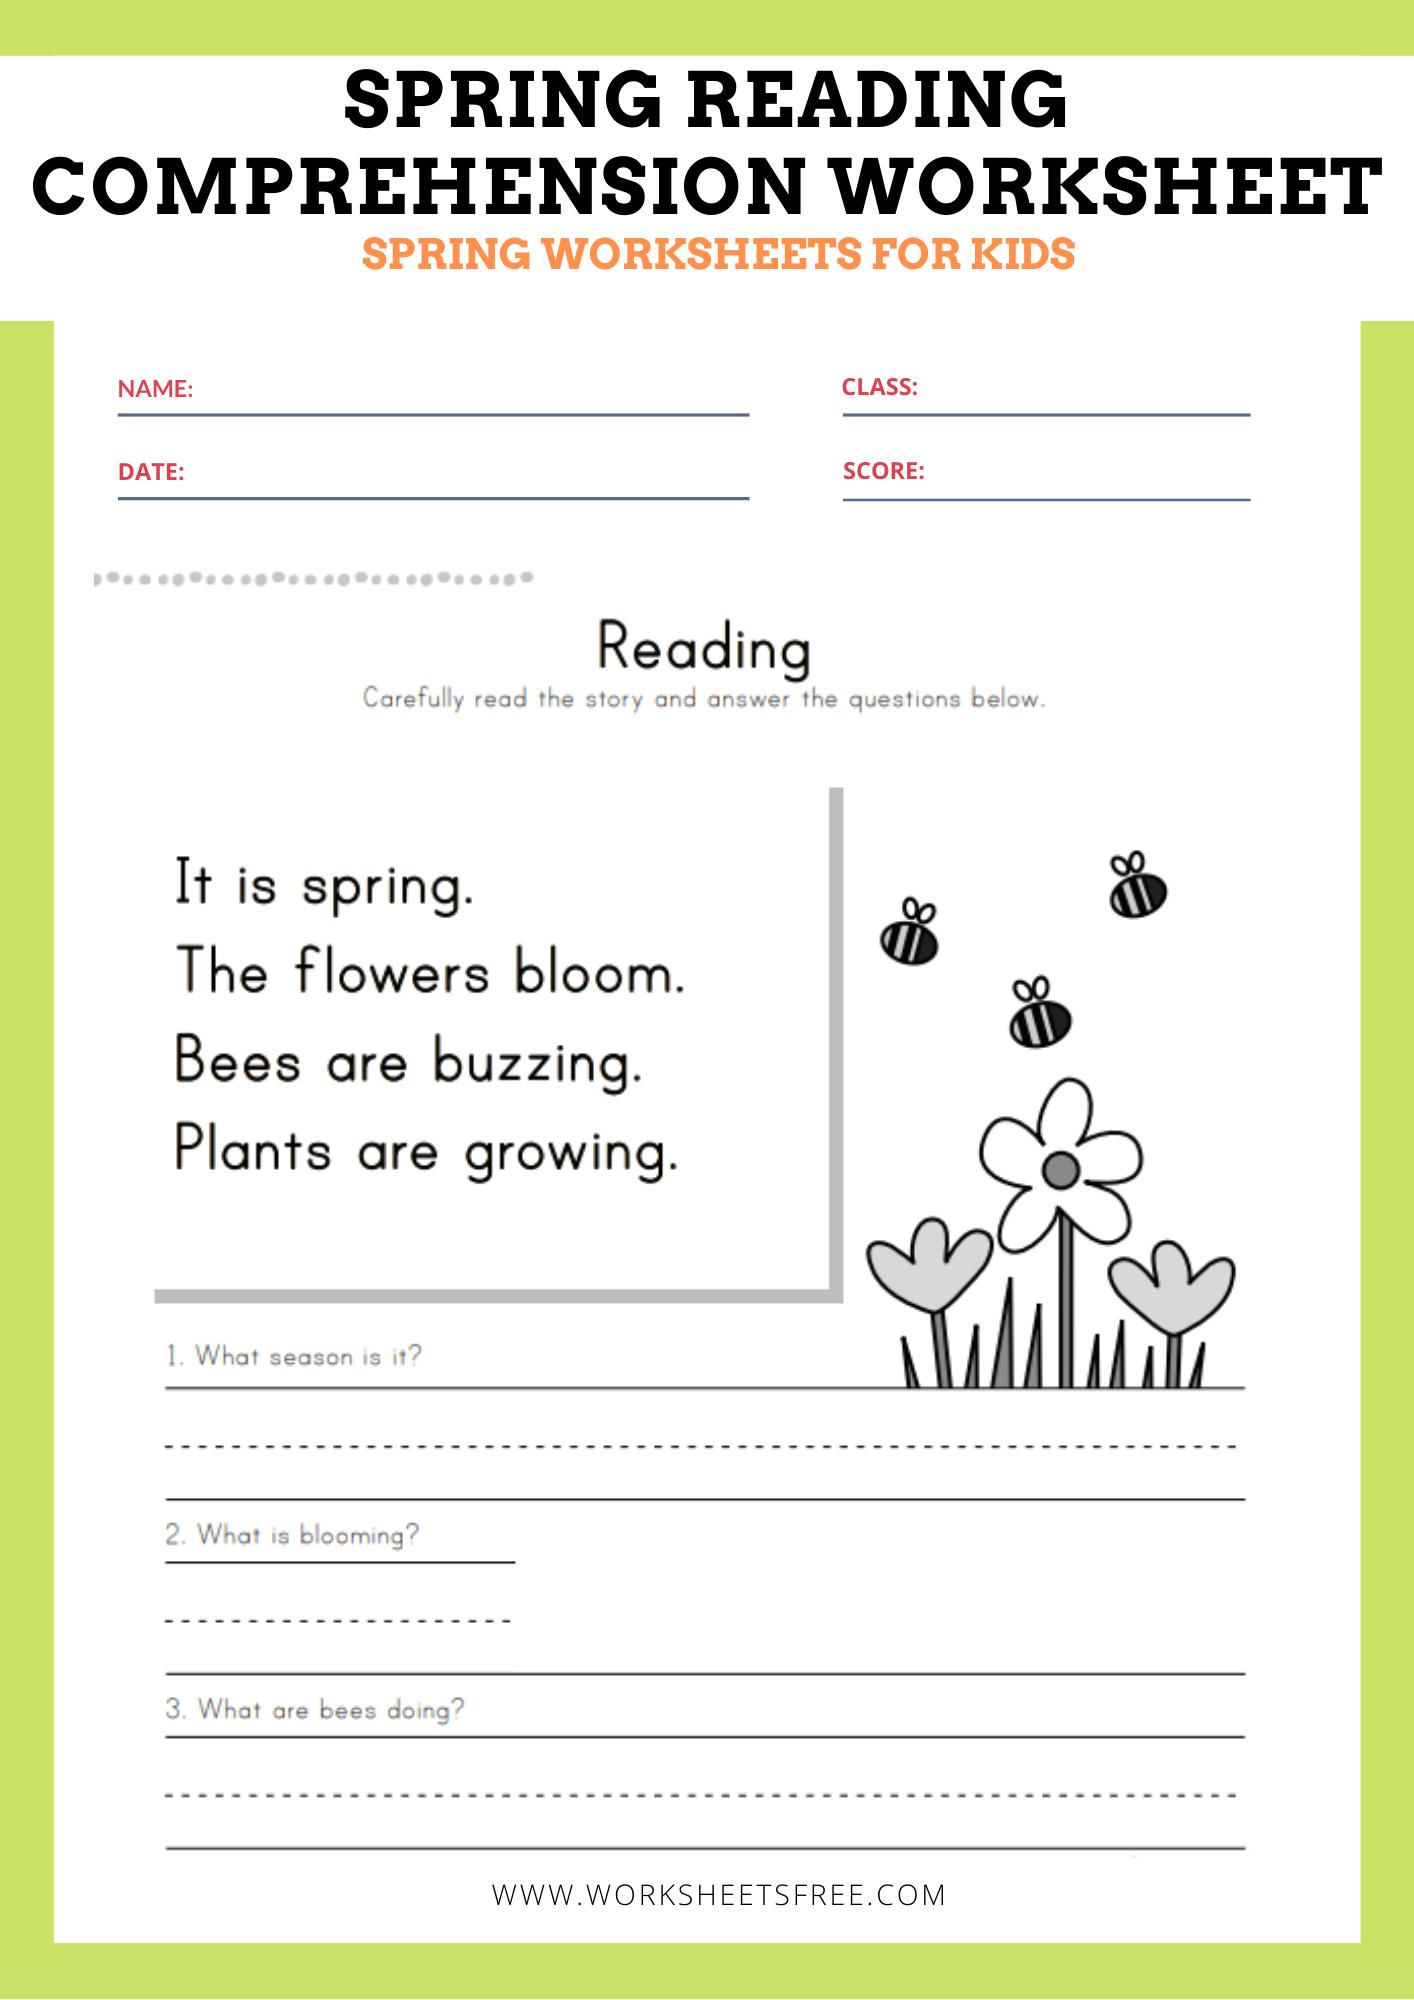 Spring Reading Comprehension Worksheet